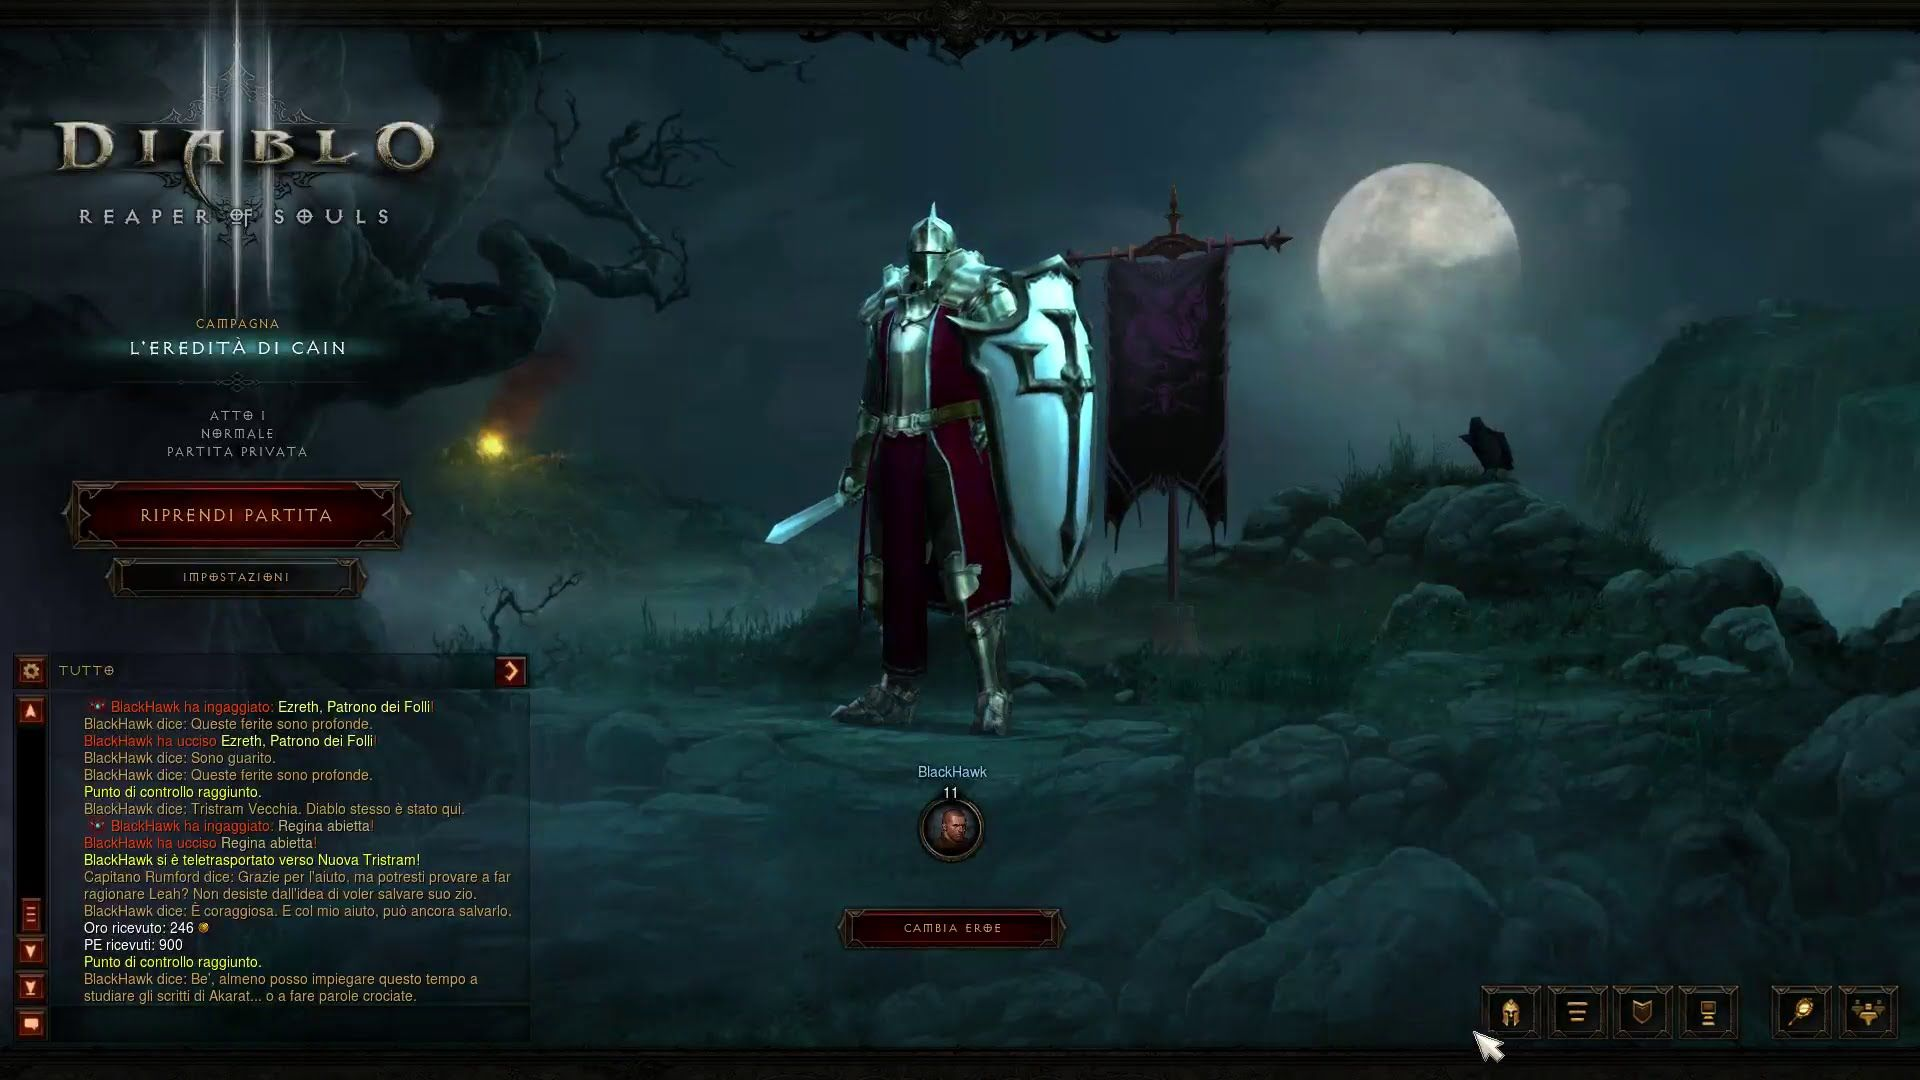 Diablo 3: Reaper of Souls - Atto 1 - 2. L' Eredità di Cain [HD]